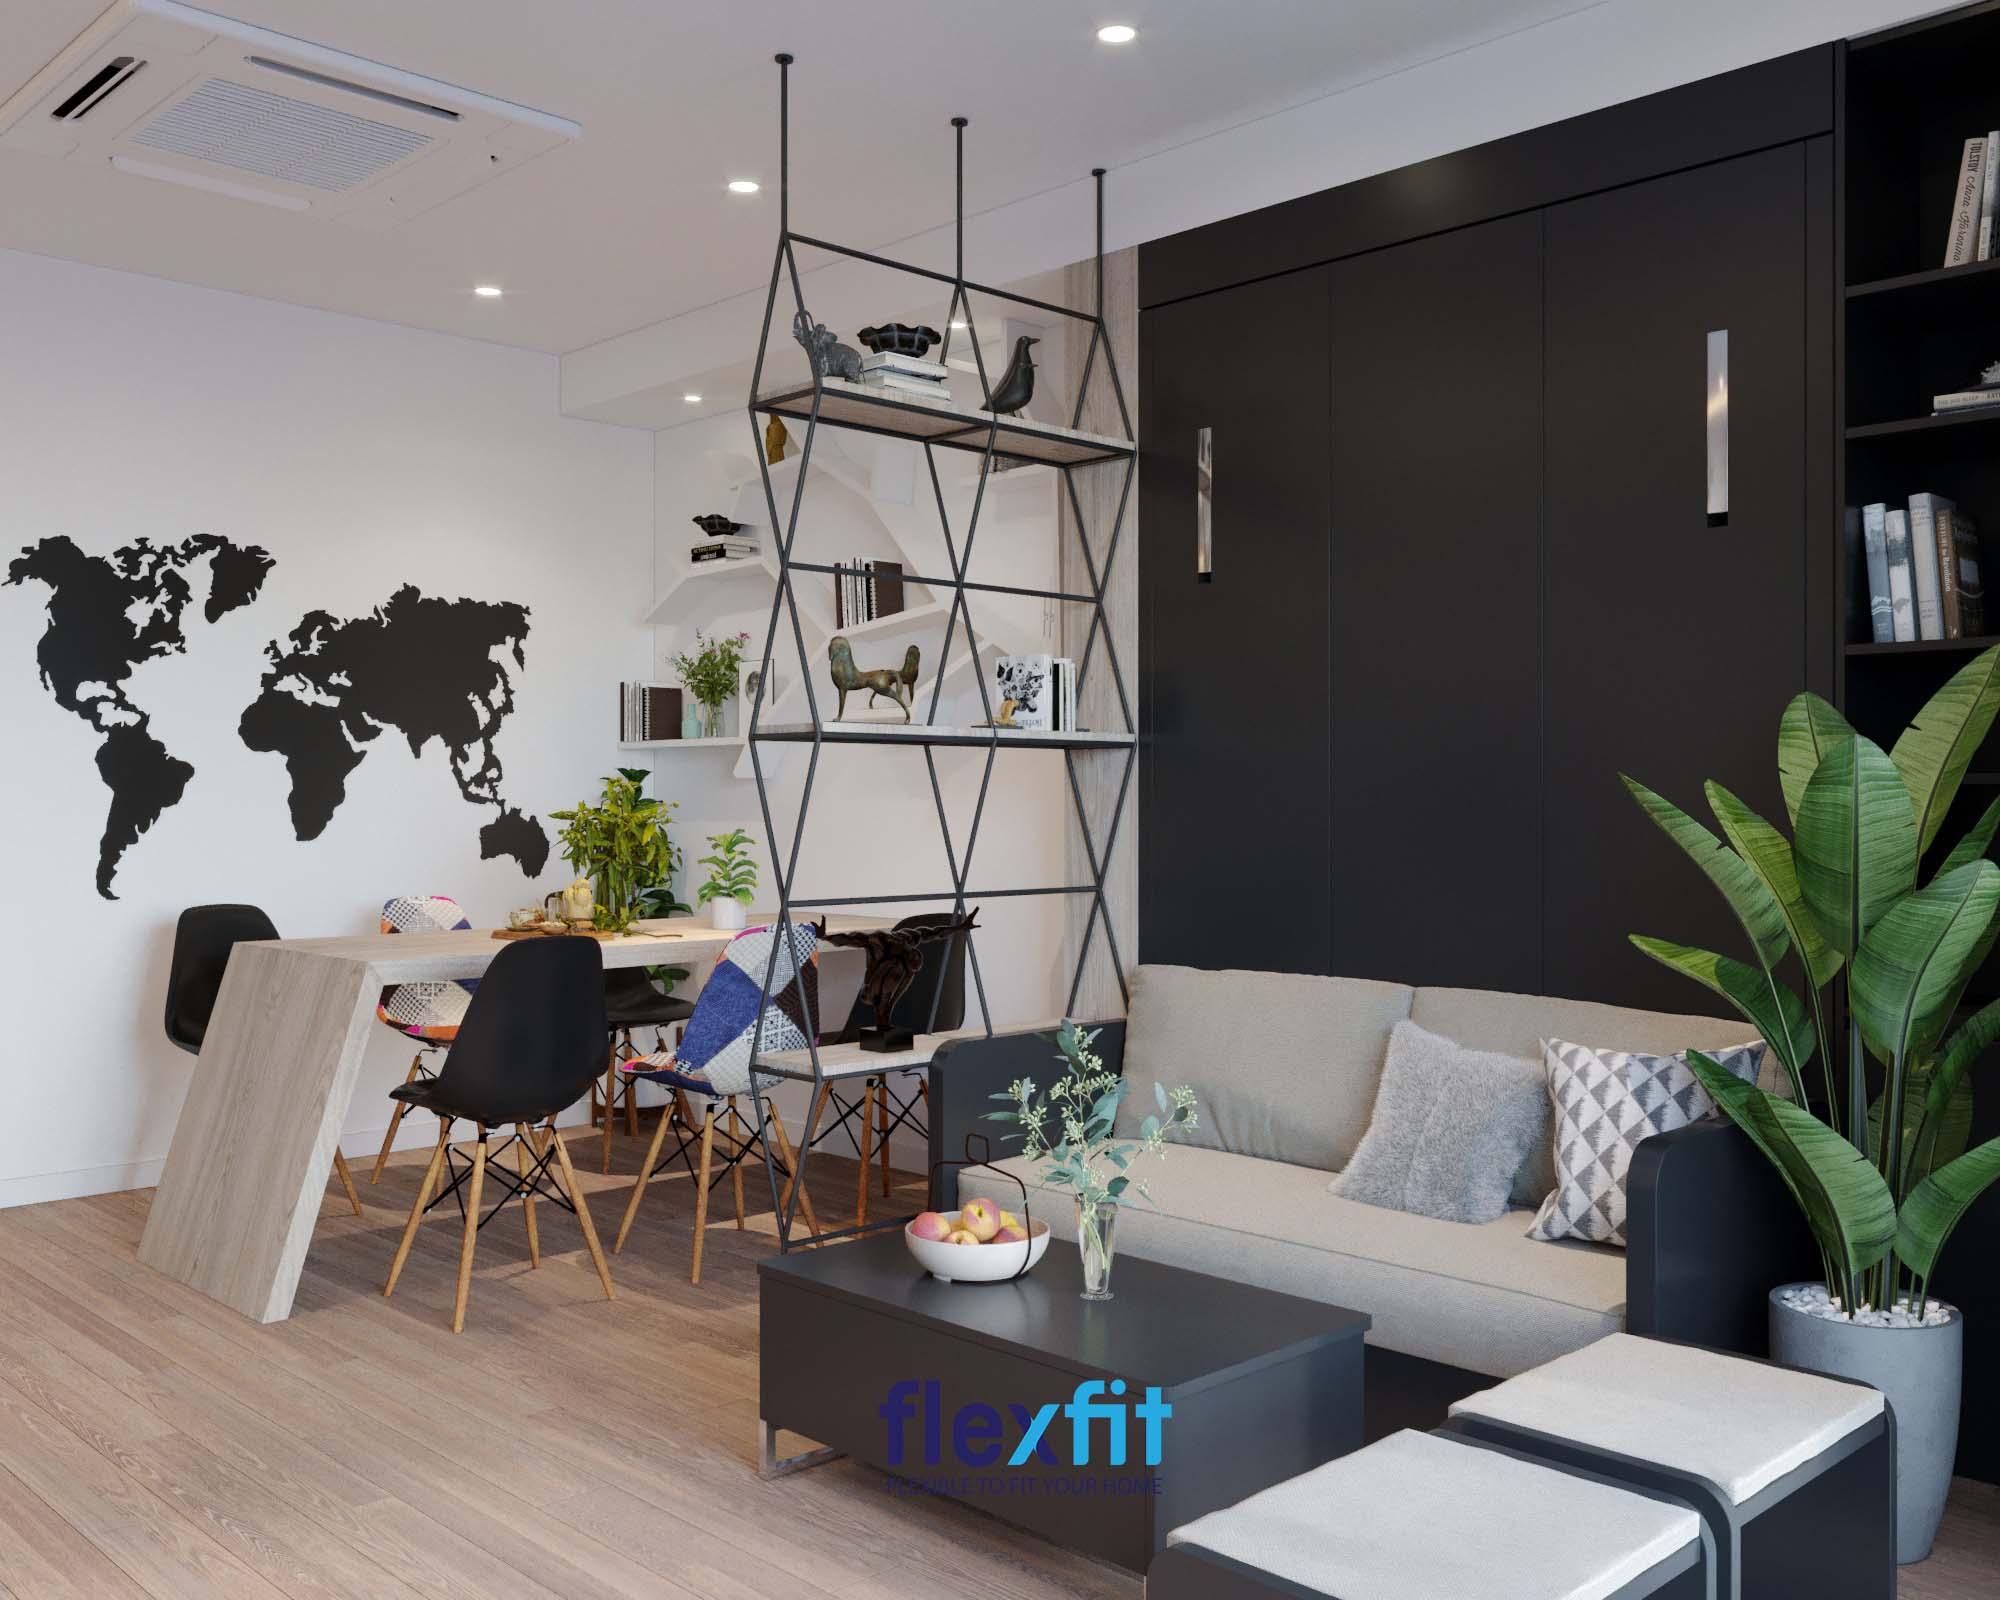 Bất cứ vị khách nào ghé thăm nhà bạn cũng sẽ phải thích thú, trầm trồ trước kệ trang trí kim loại sơn đen kết hợp gỗ vân sáng tạo dáng hình học kiểu cách làm thành vách ngăn phân chia phòng khách và phòng ăn như thế này